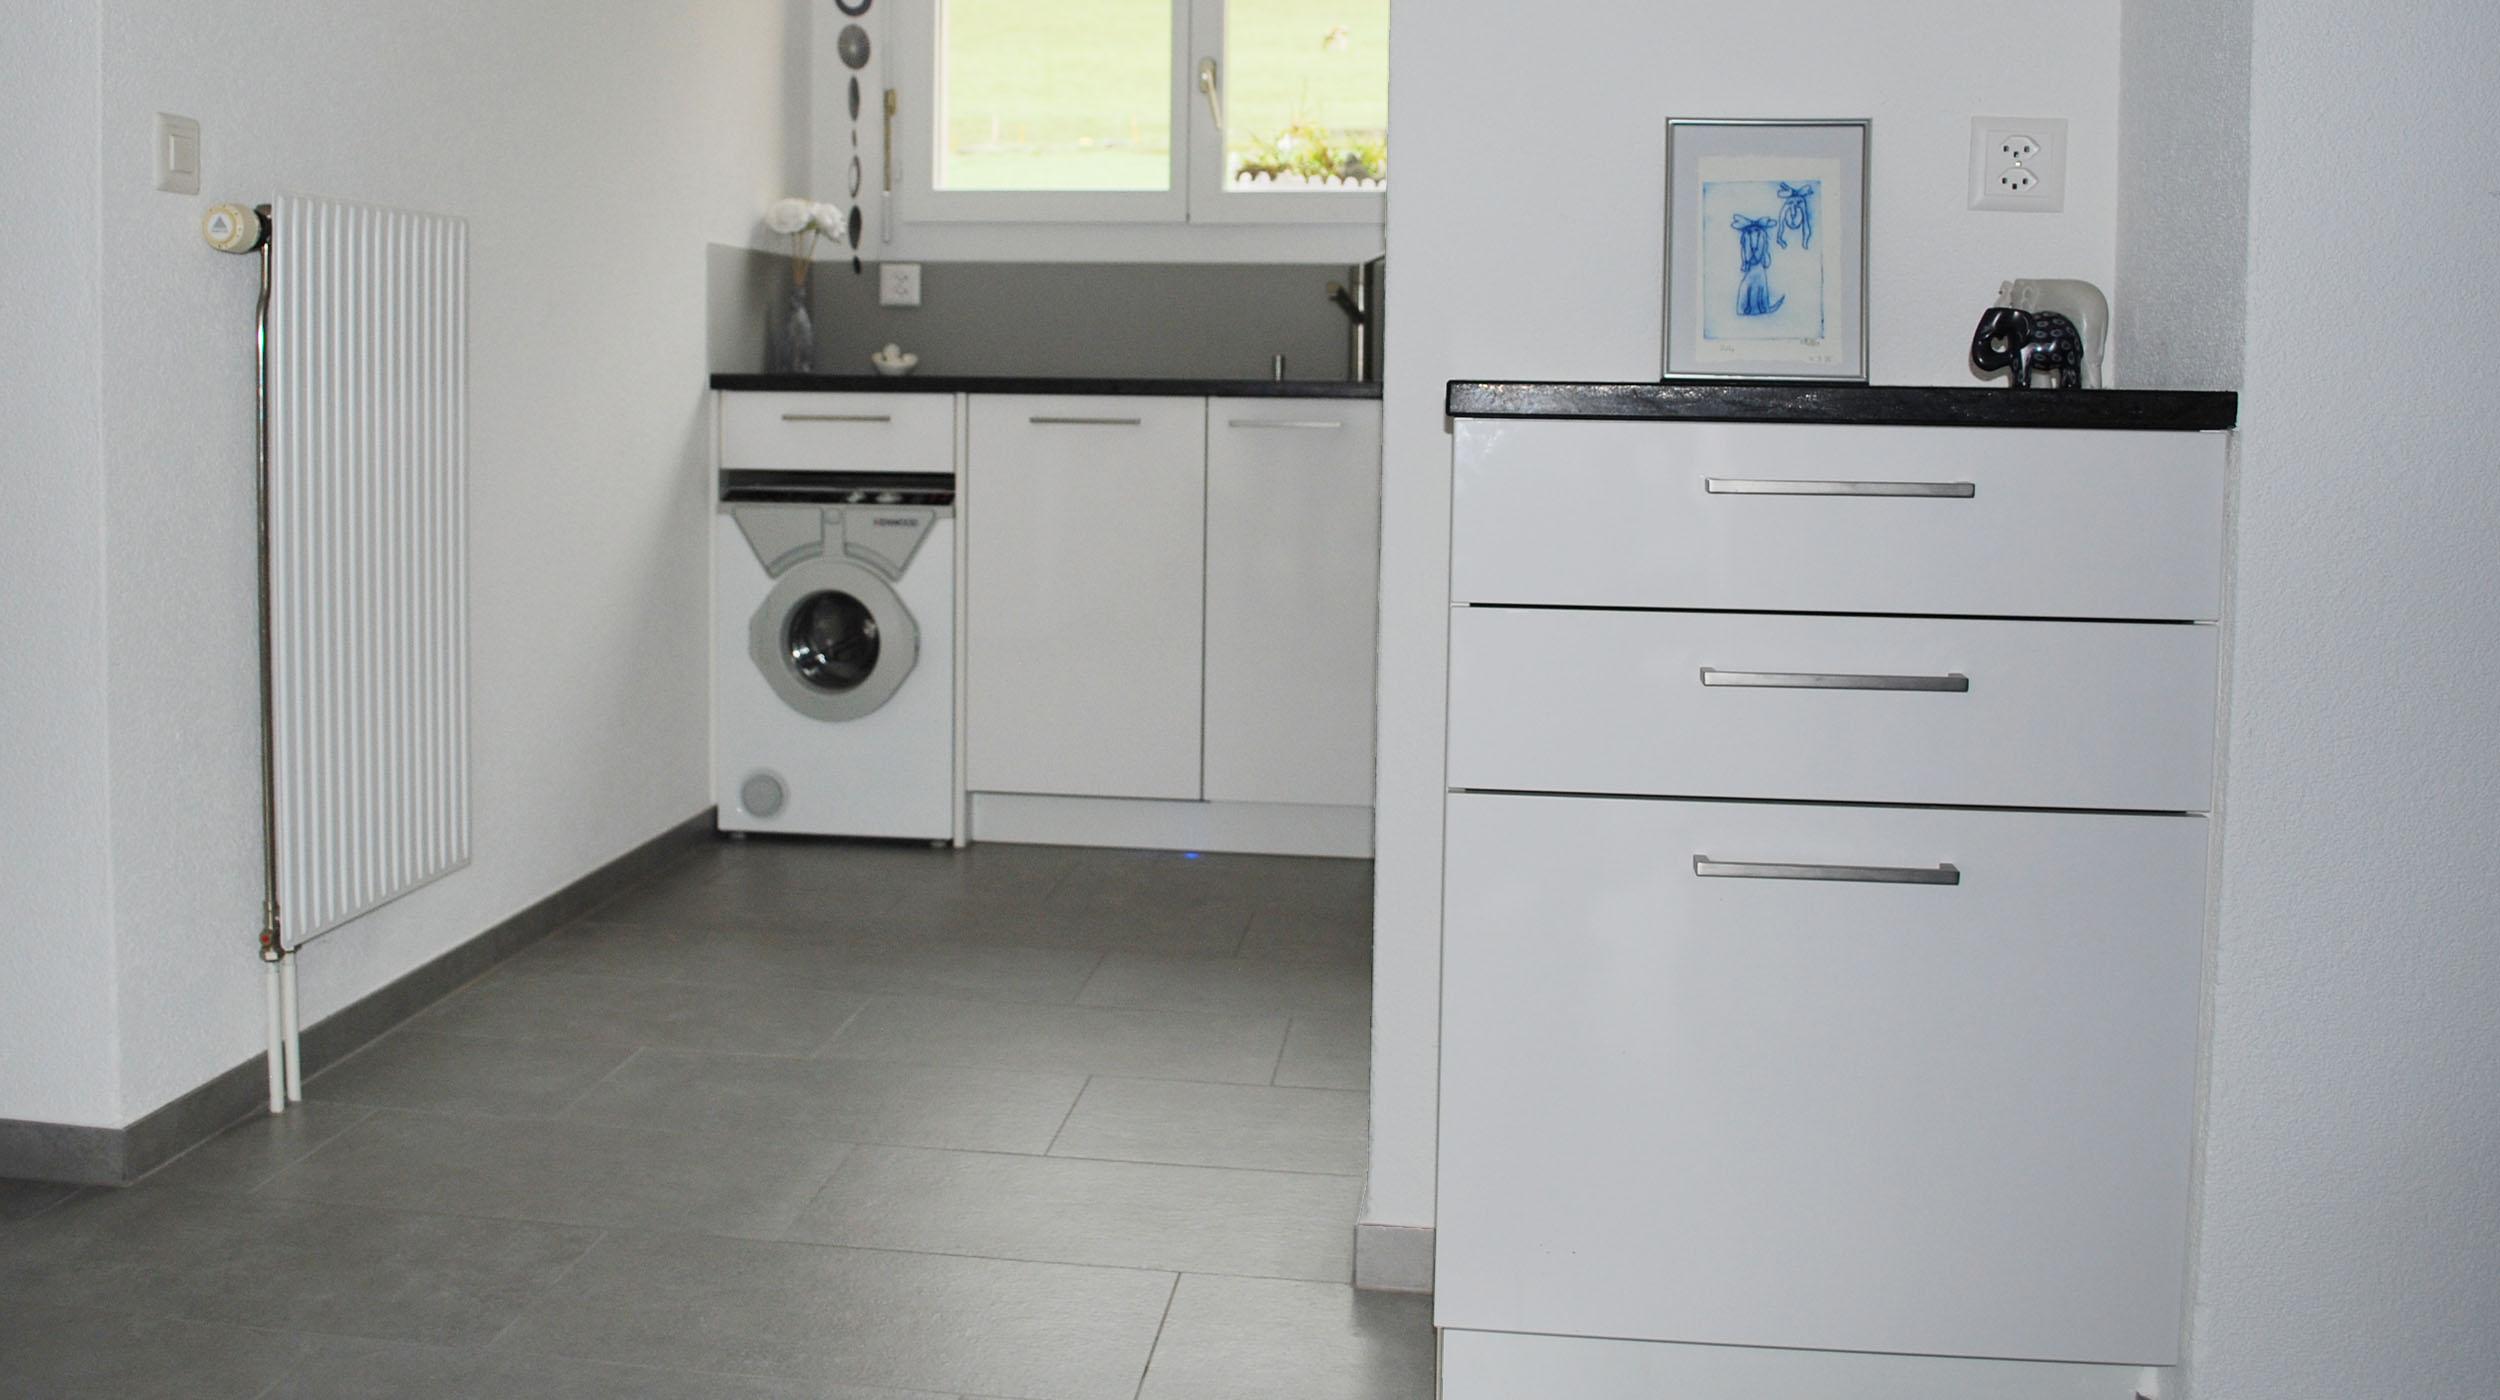 Cuisine avec une machine à laver intégrée